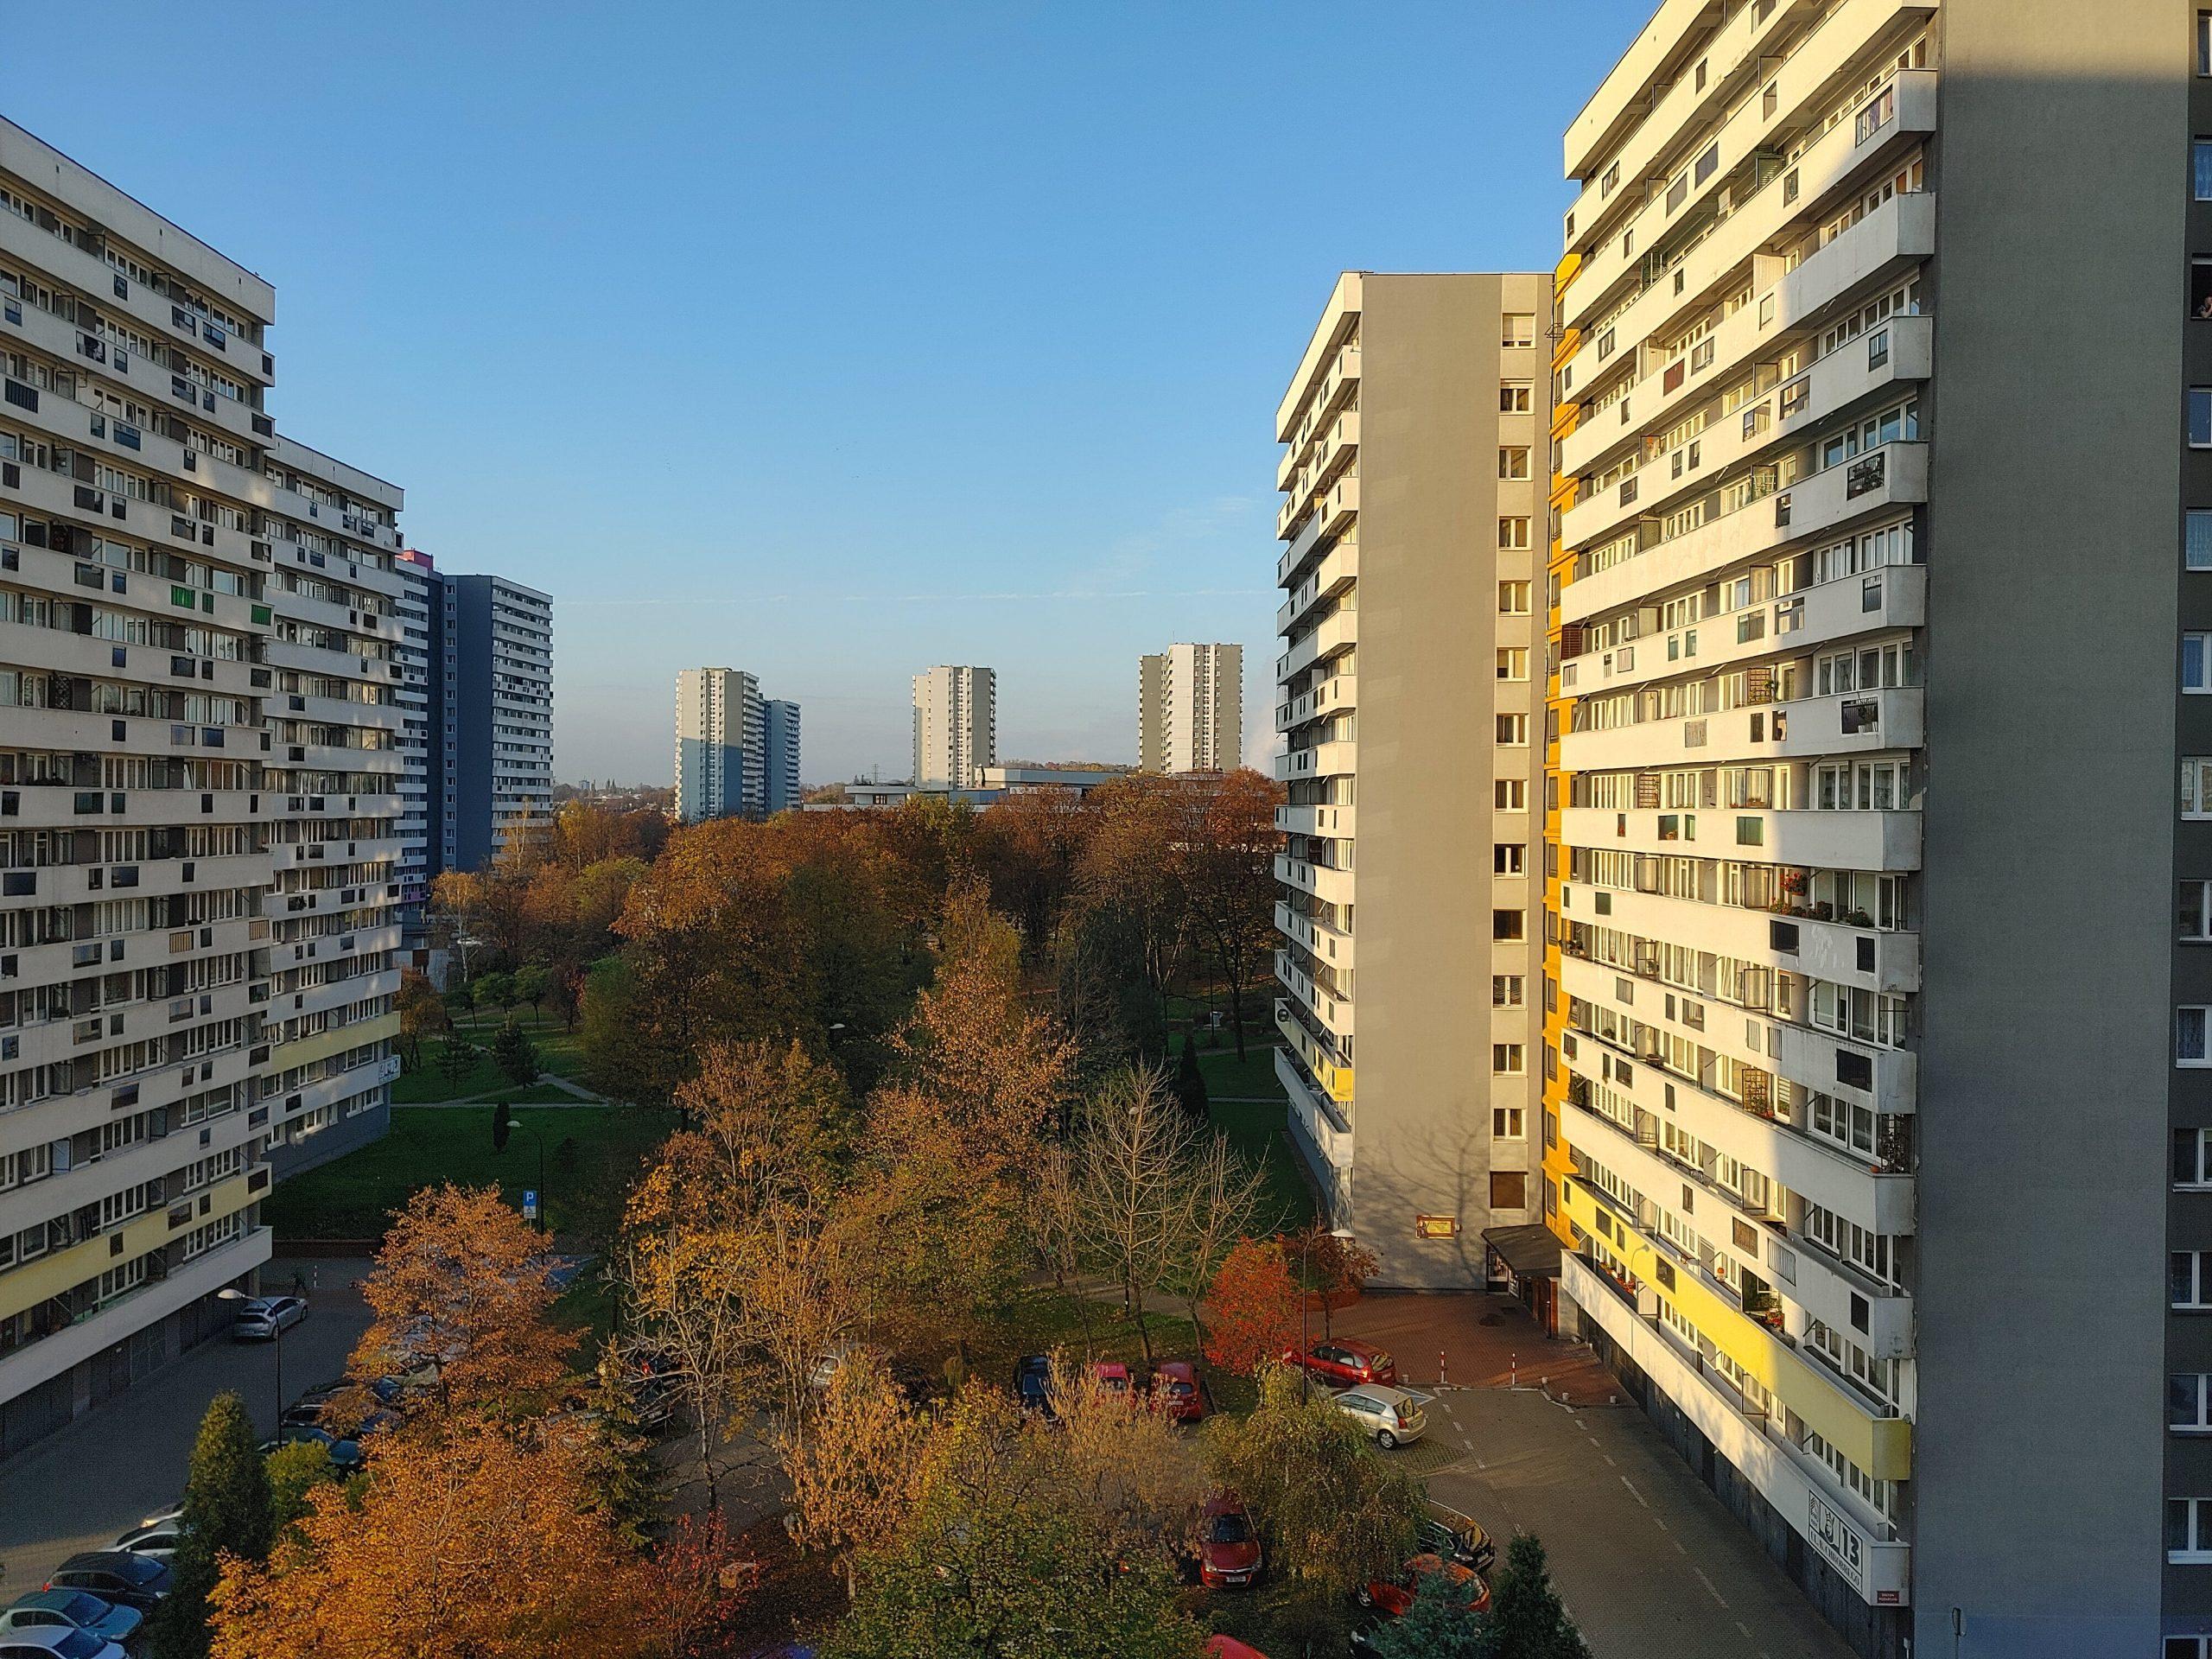 Słoneczna pogoda - LG Velvet